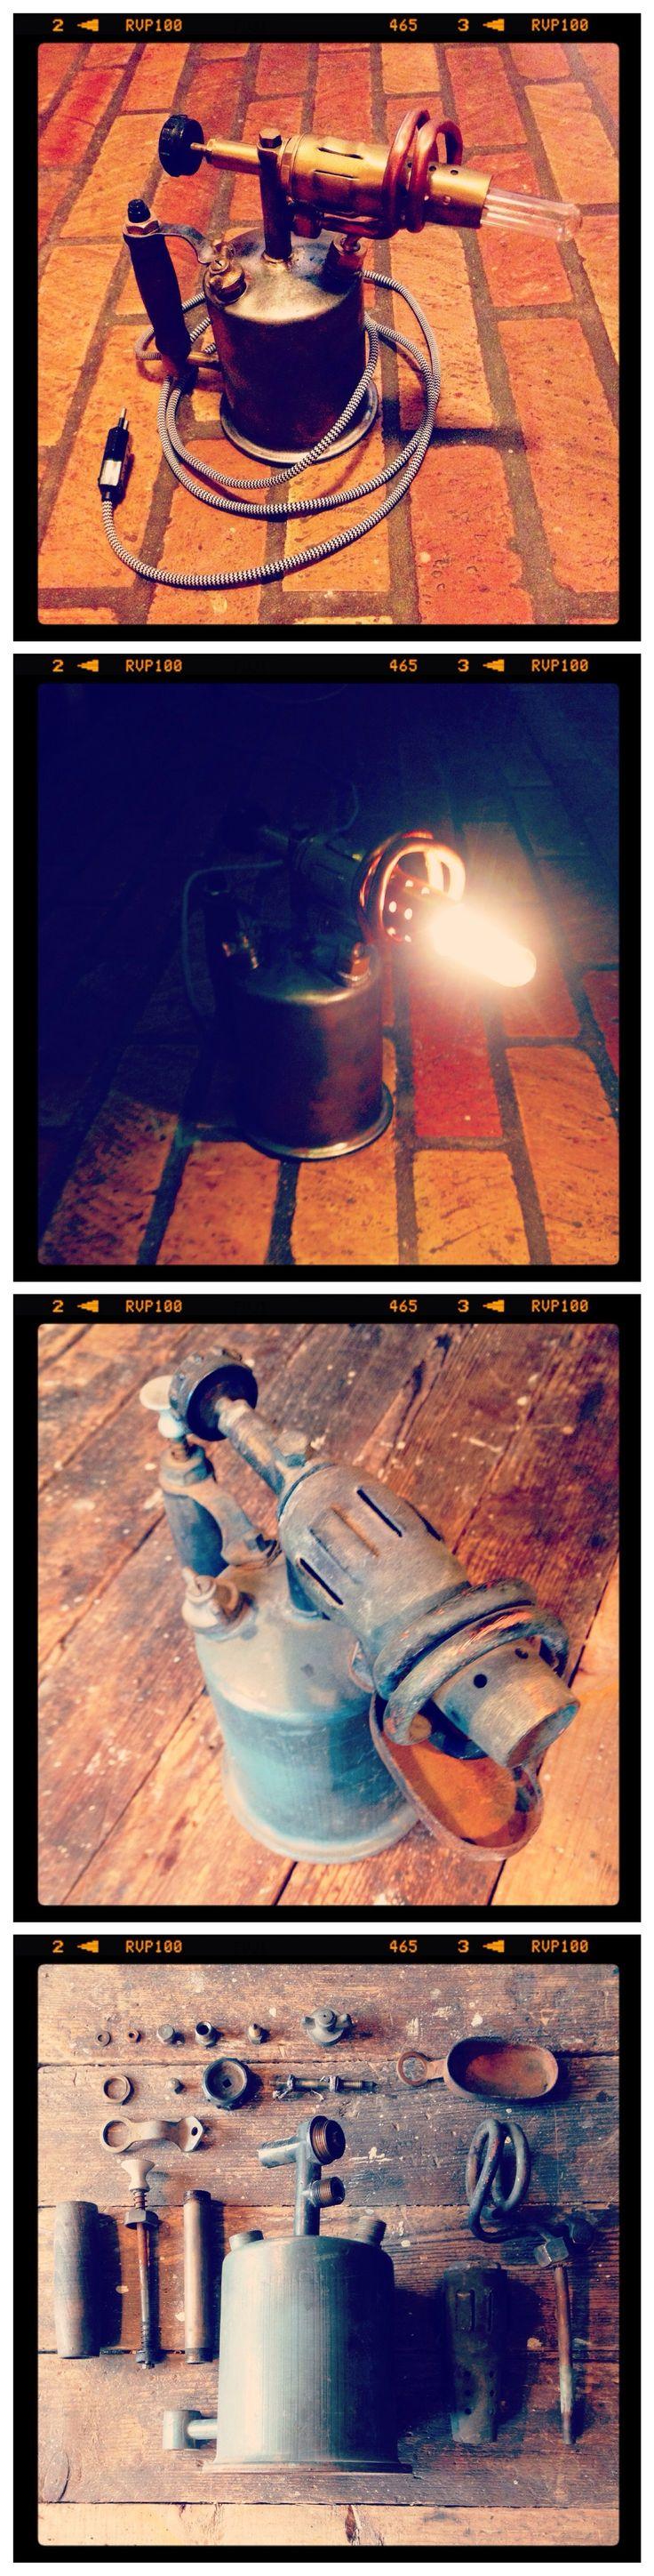 """COPPER UPCYCLING CONTEST / PARTICIPANT #25 : LAMPE """"RETRO STYLE"""" // Péter a transformé un chalumeau composé de laiton en une lampe de bureau à l'esprit industriel - """"Likez"""" pour participer au choix du prix du public ! / Péter transformed a brass blow torch into an industrial looking desk lamp = cool! - """"like"""" in order to participate to the public's choice price! #upcopper #copper #cuivre"""